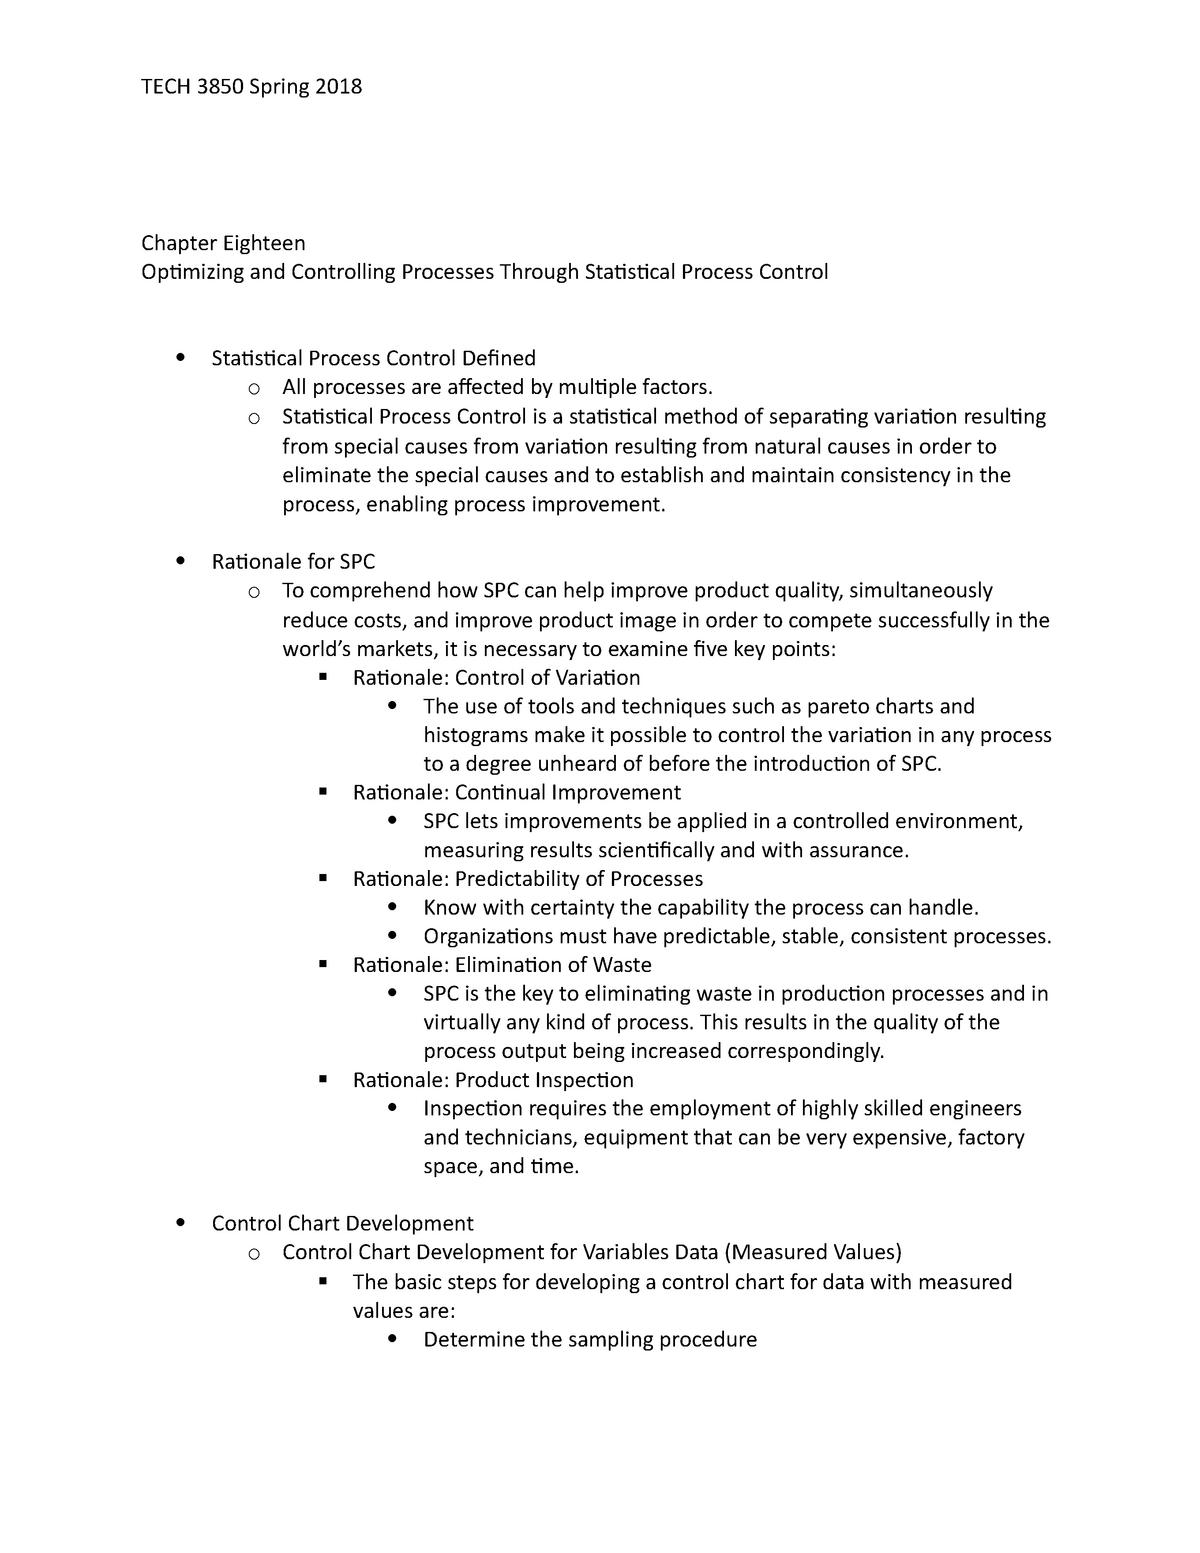 Chapter Eighteen - TECH 3850: Quality Assurance in